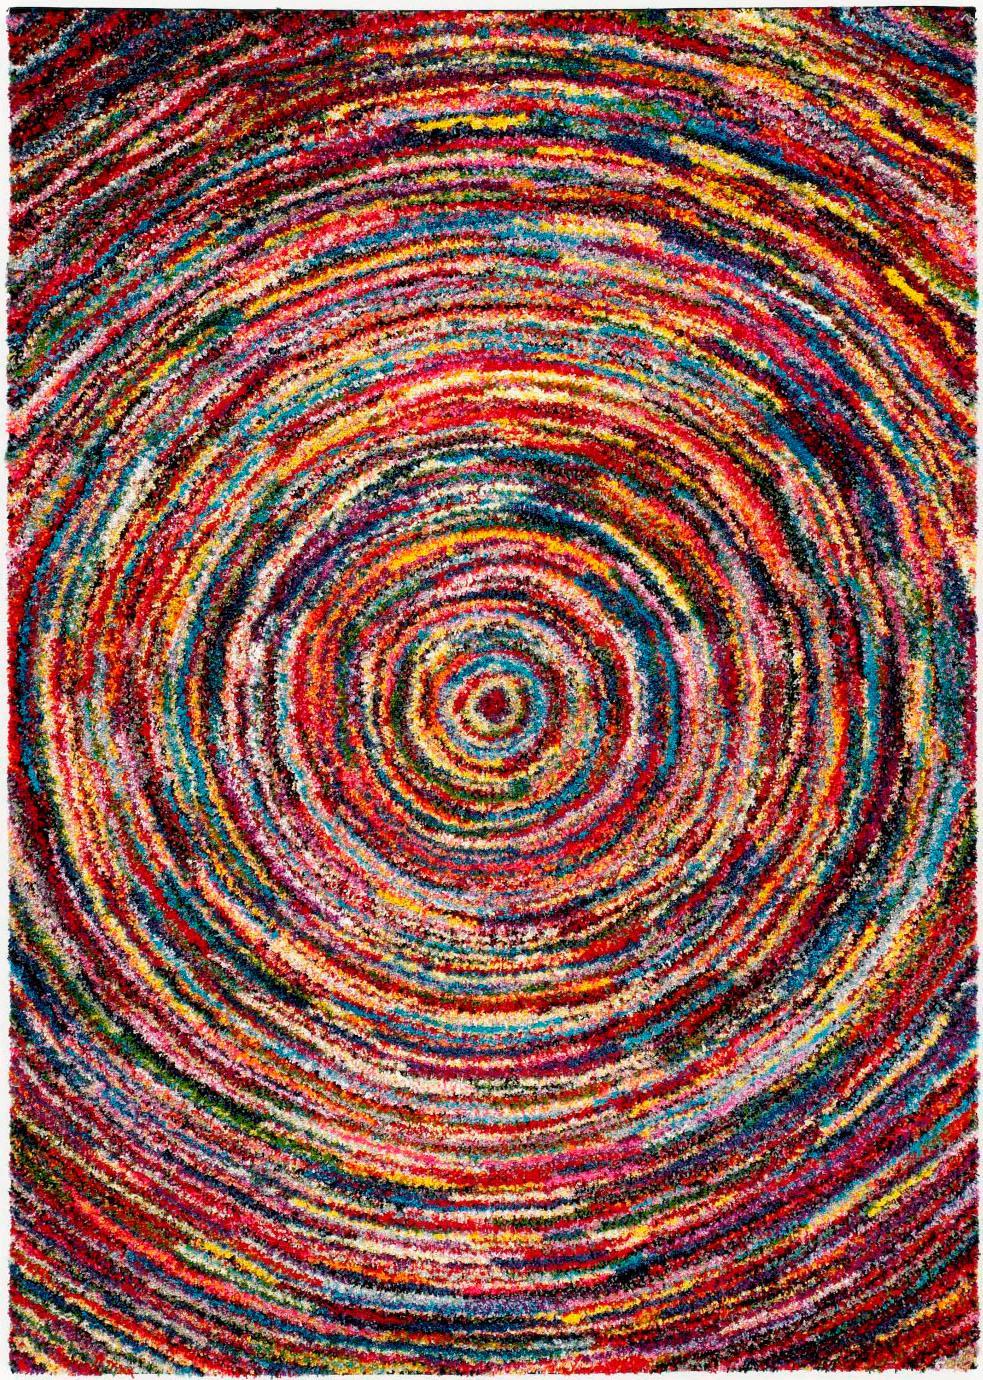 Hochflor-Teppich Sixteen Round OCI DIE TEPPICHMARKE rechteckig Höhe 25 mm maschinell gewebt